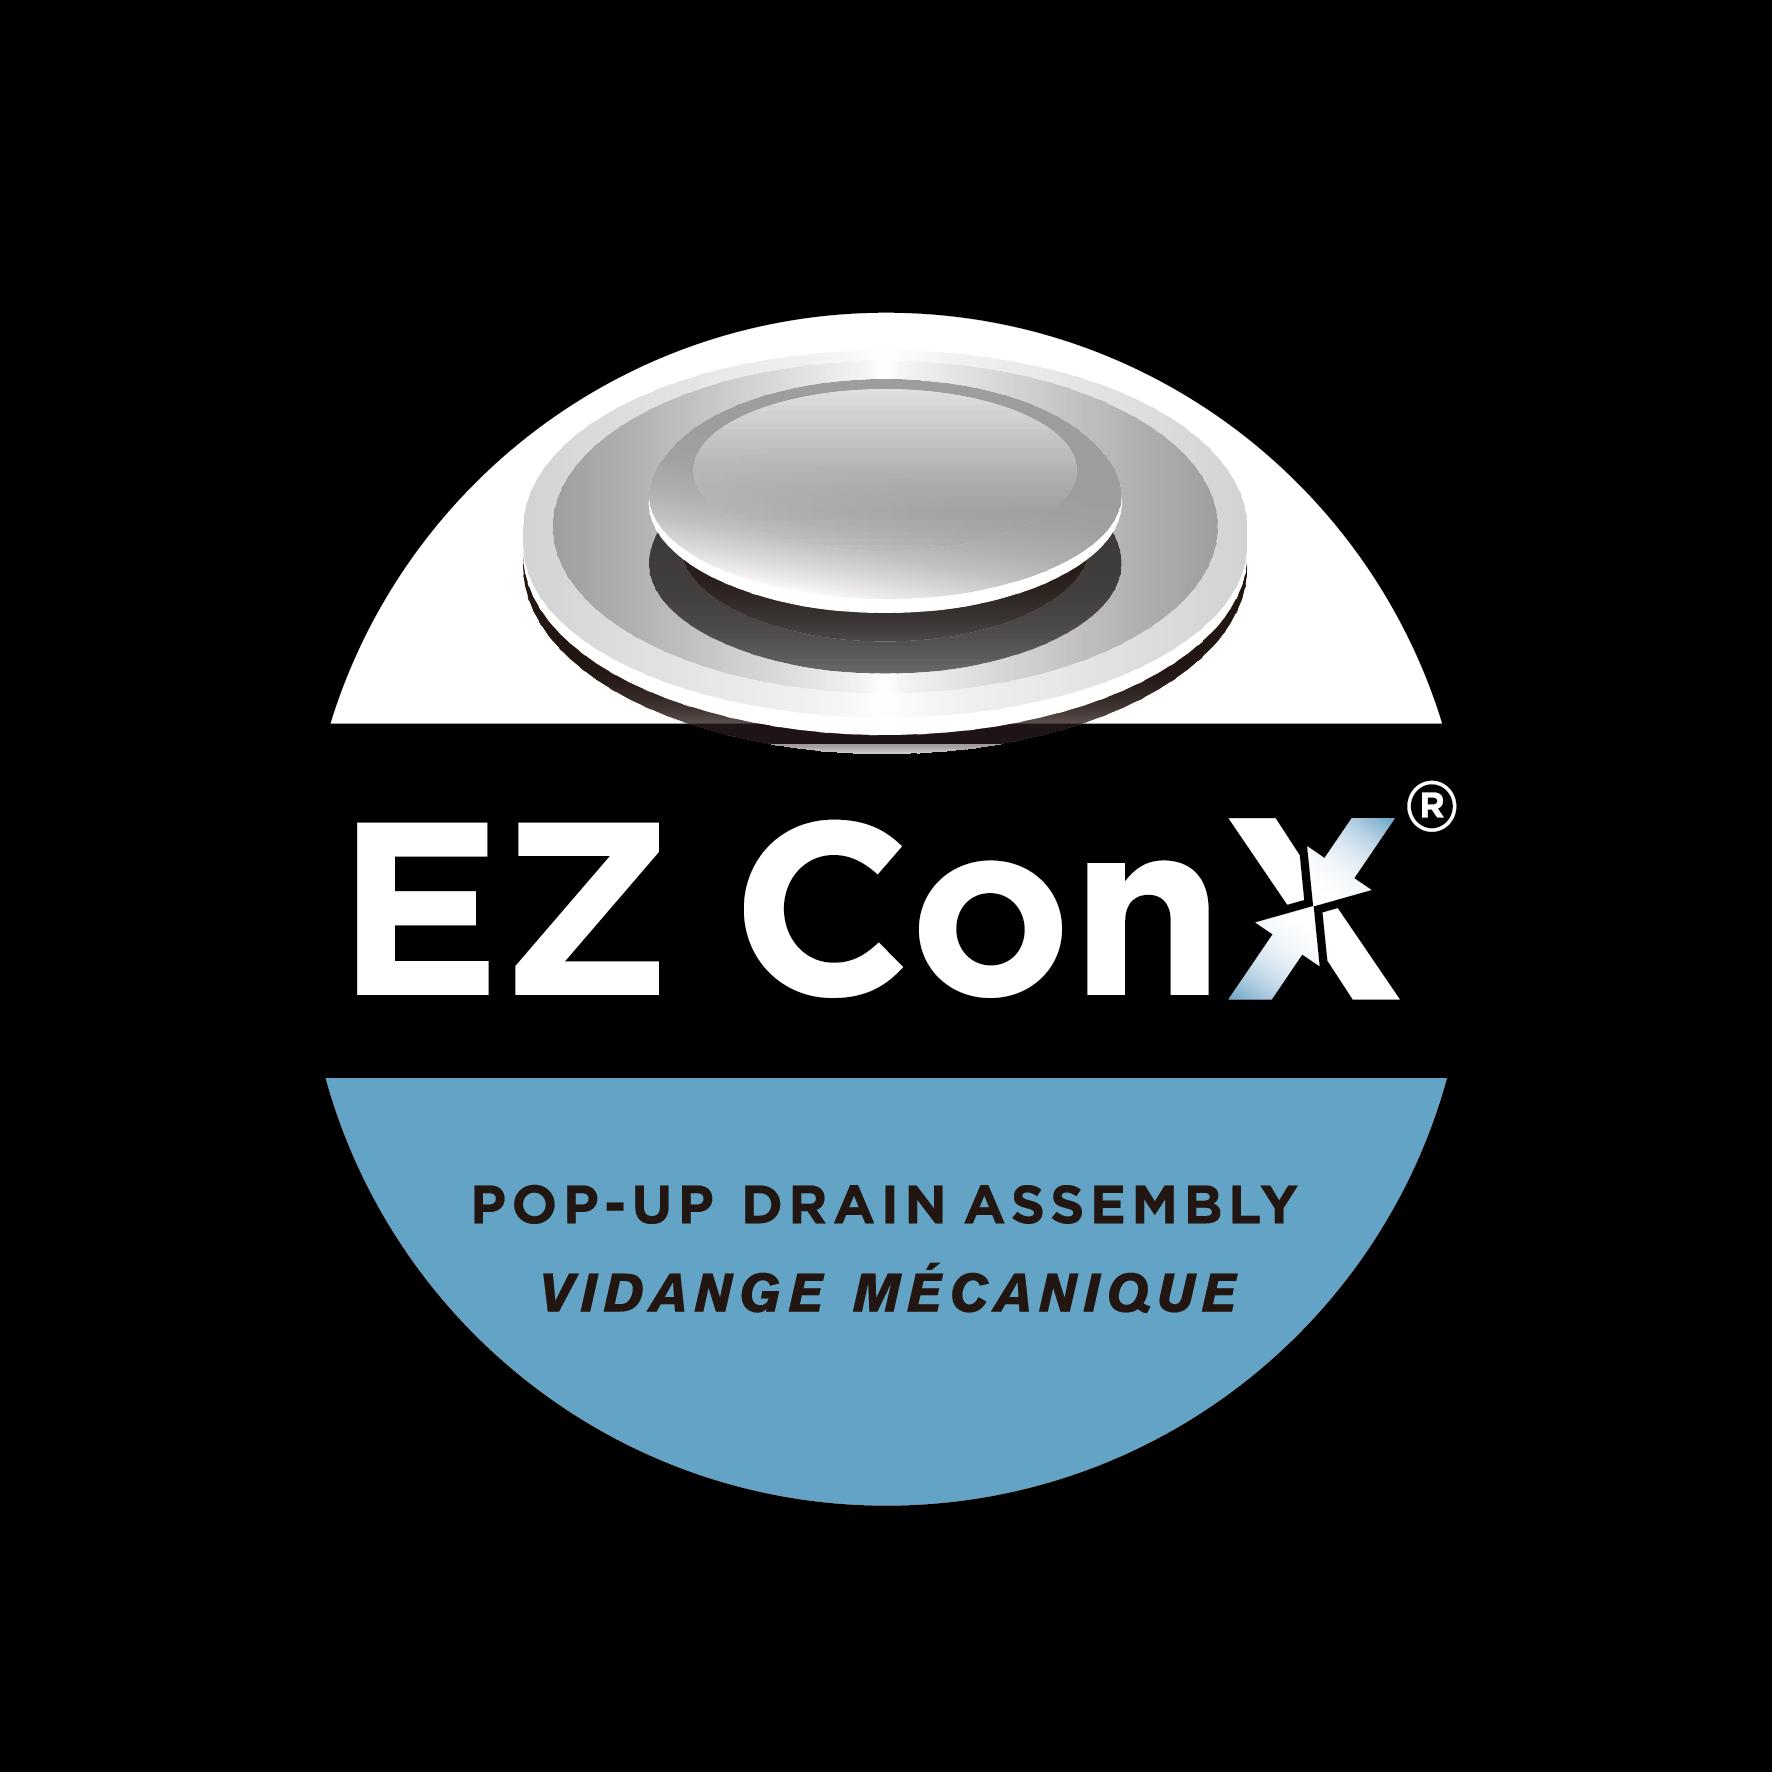 EZ ConX Pop-Up Drain